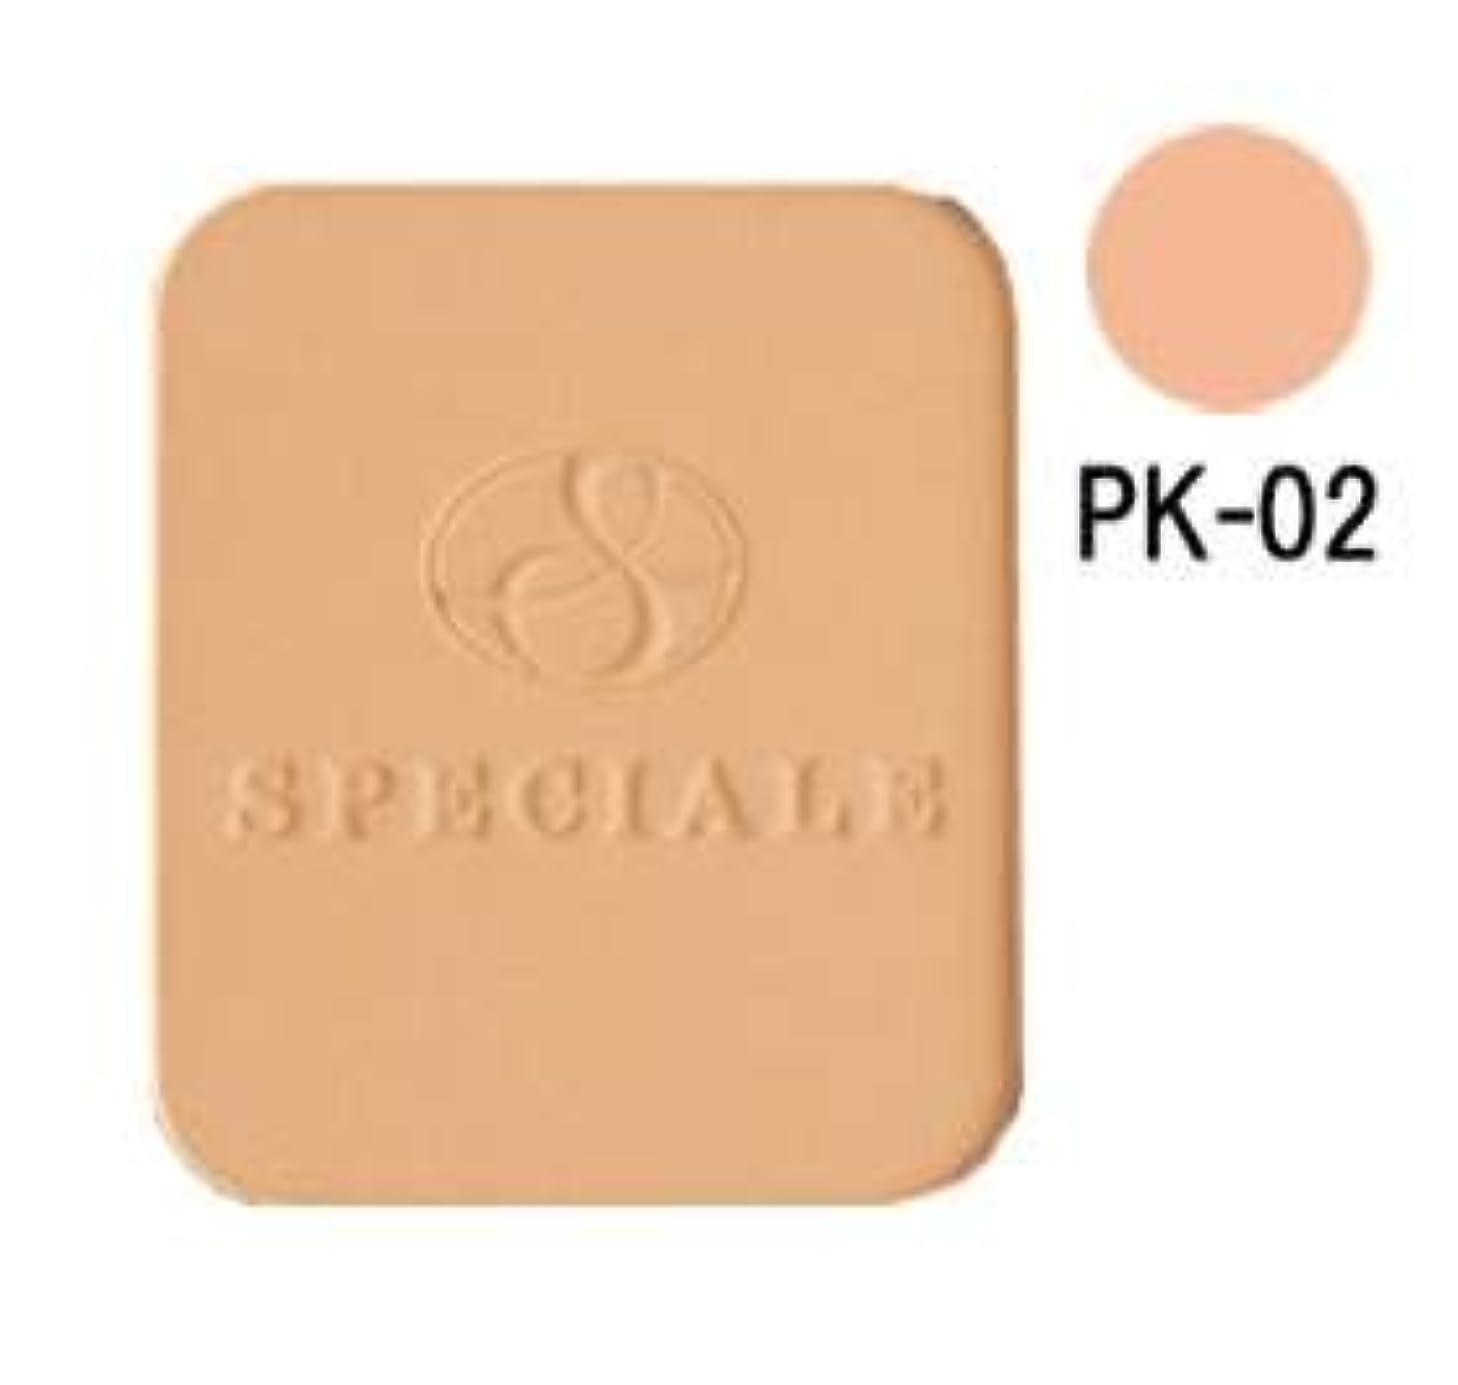 サロン代数的頬ノエビア スペチアーレ グロウコンパクト PK-02(リフィール/スポンジ付)(13g)